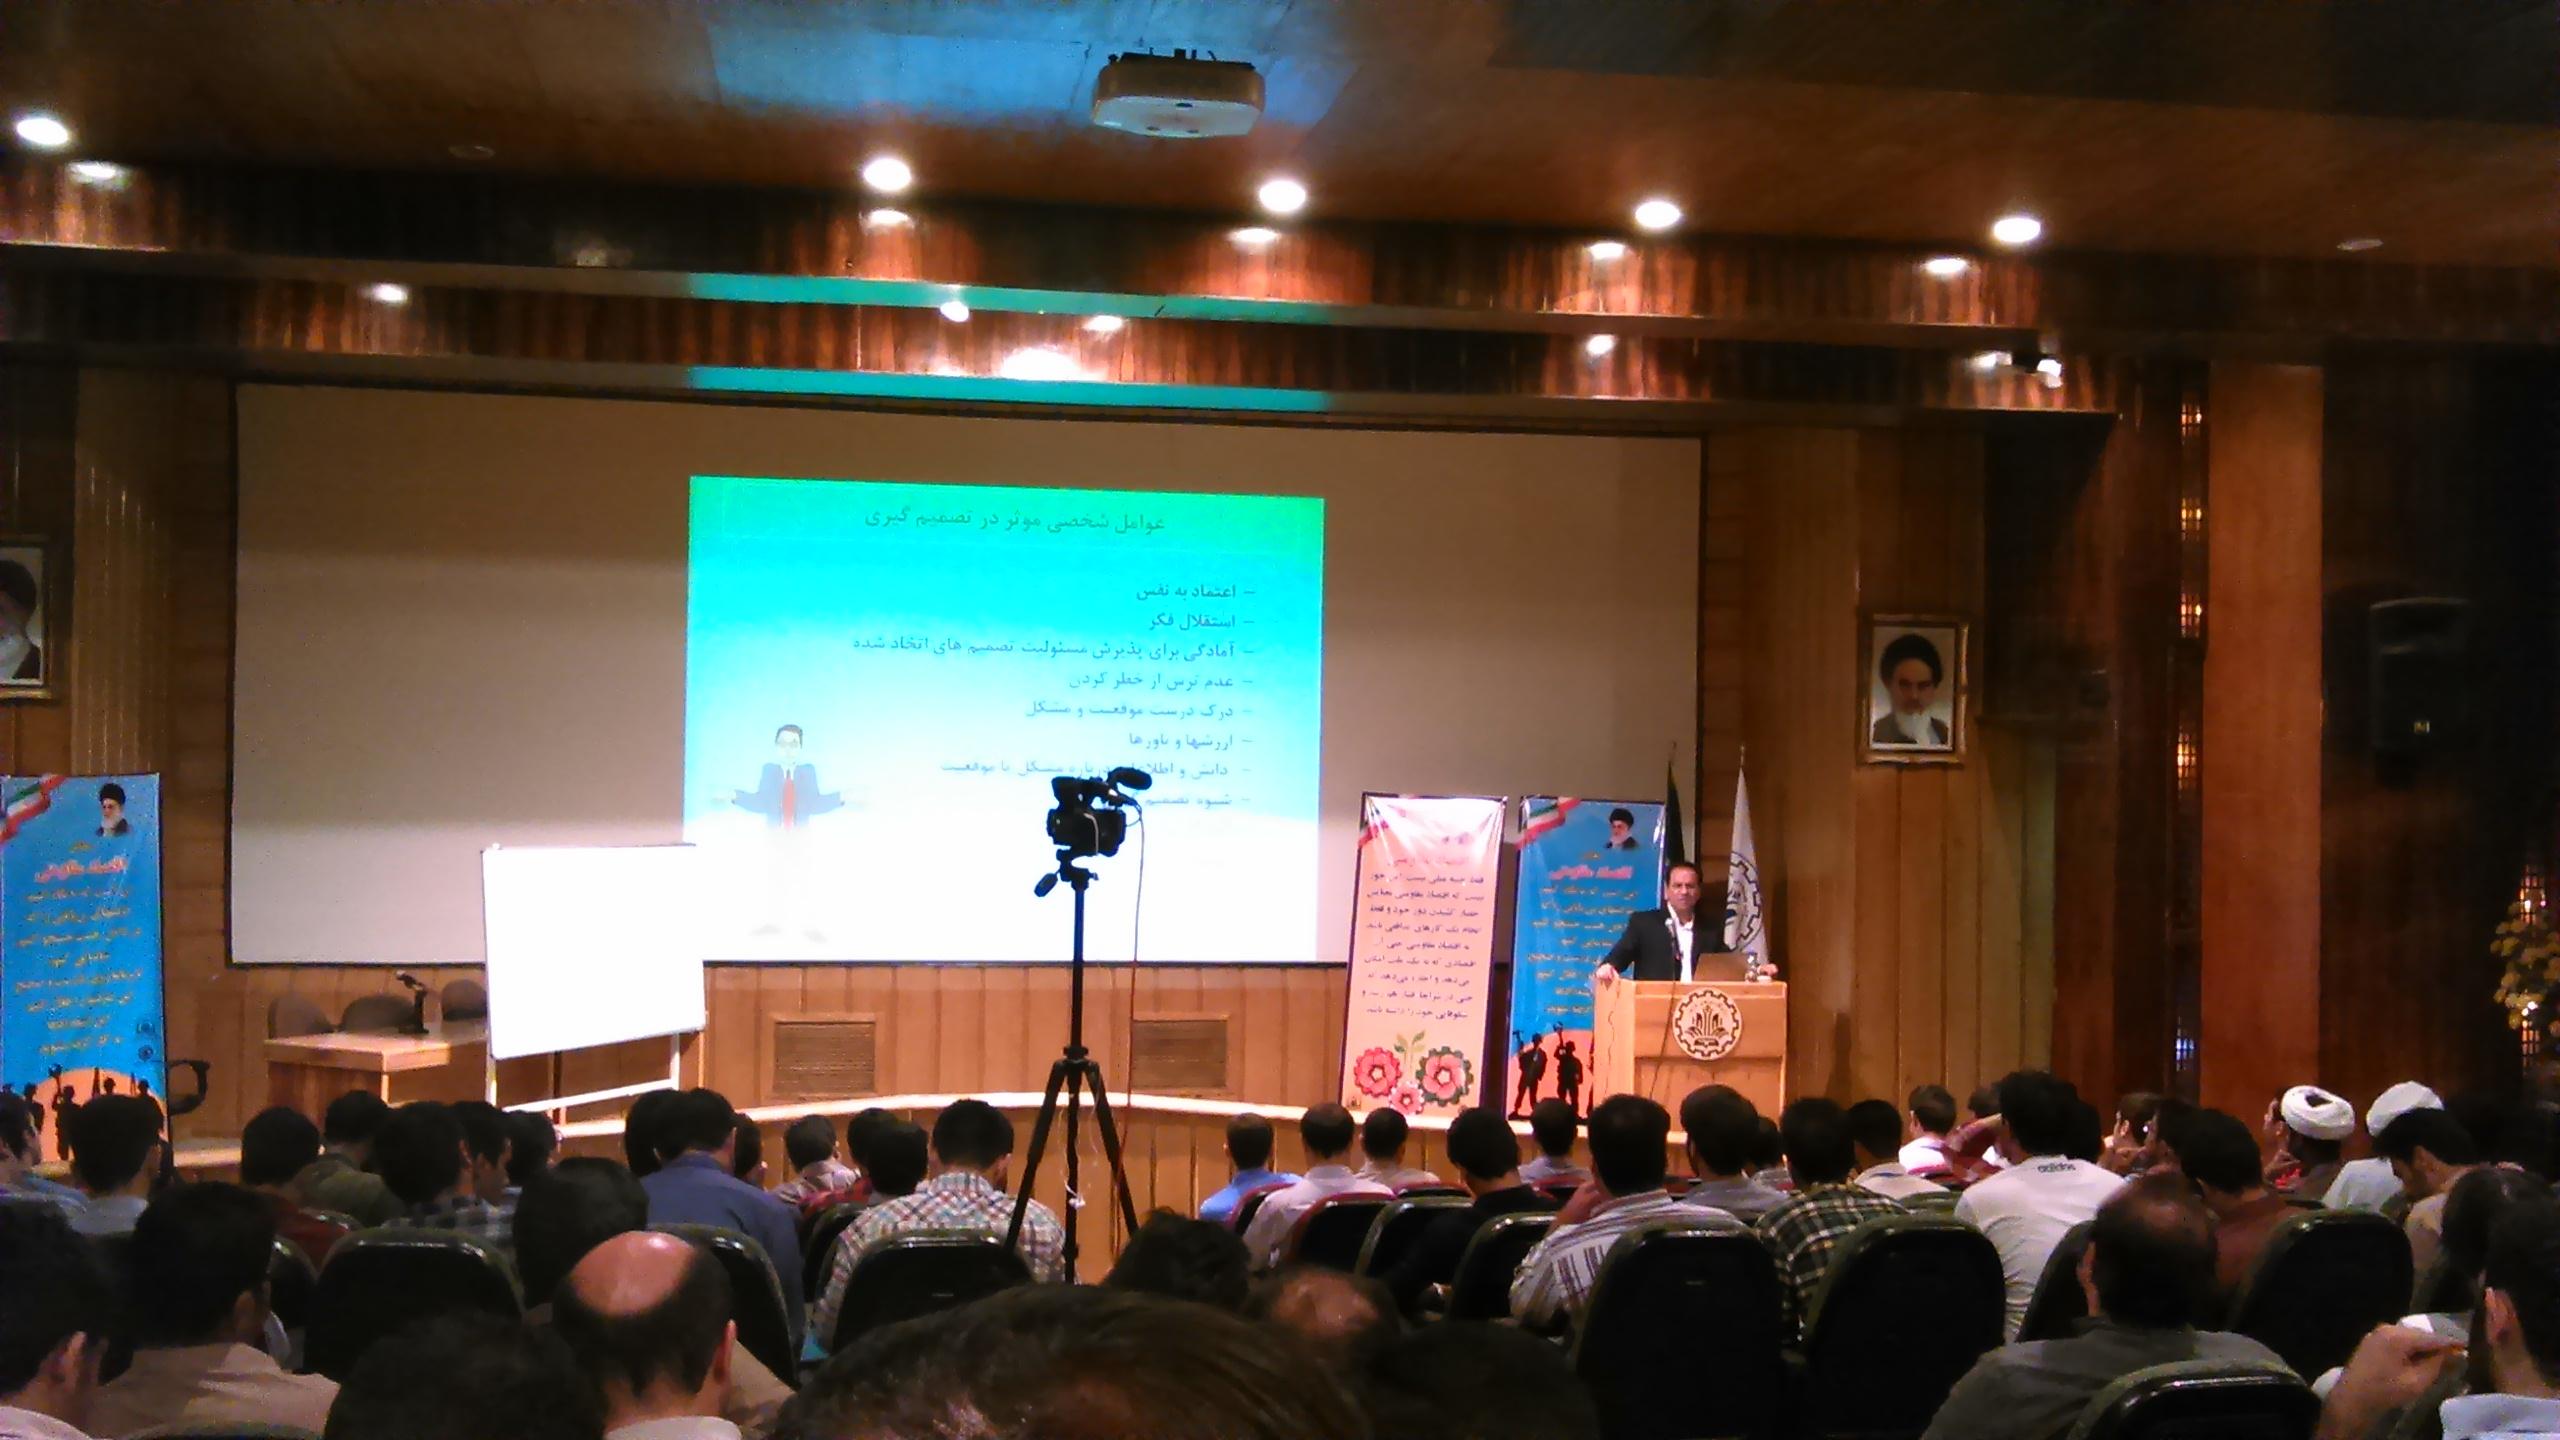 برگزاری کلاس های کارآفرینی در سالن جابربن حیان دانشگاه صنعتی شریف